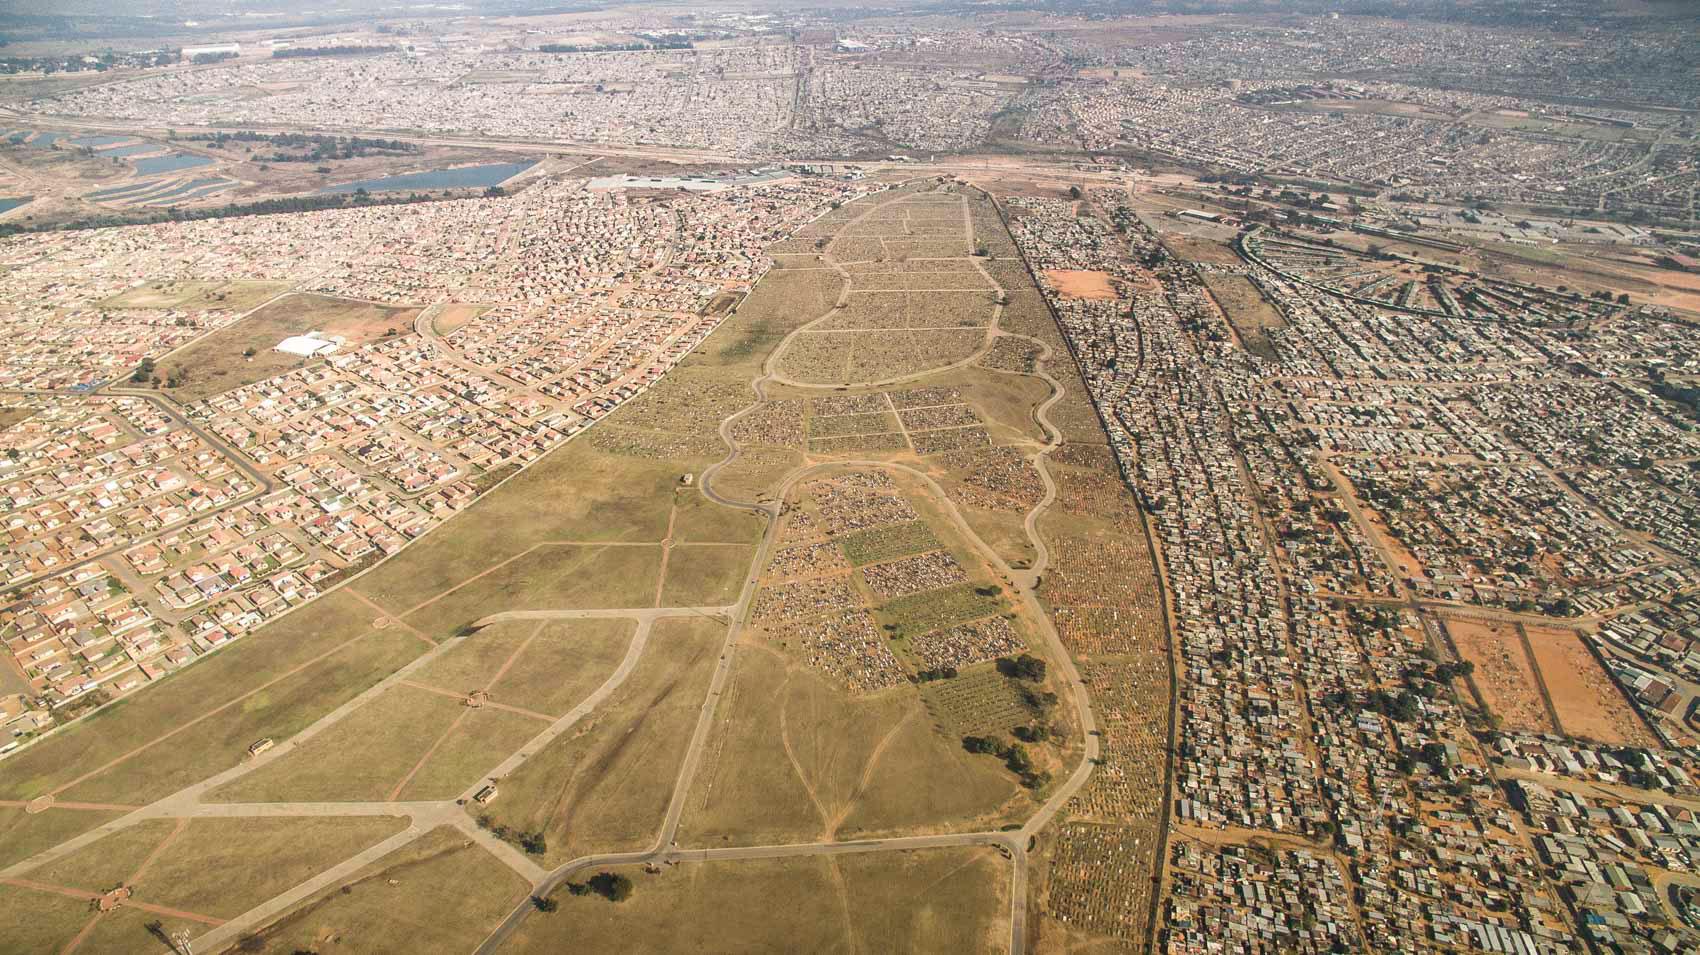 Vusimuzi / Mooifontein cemetery